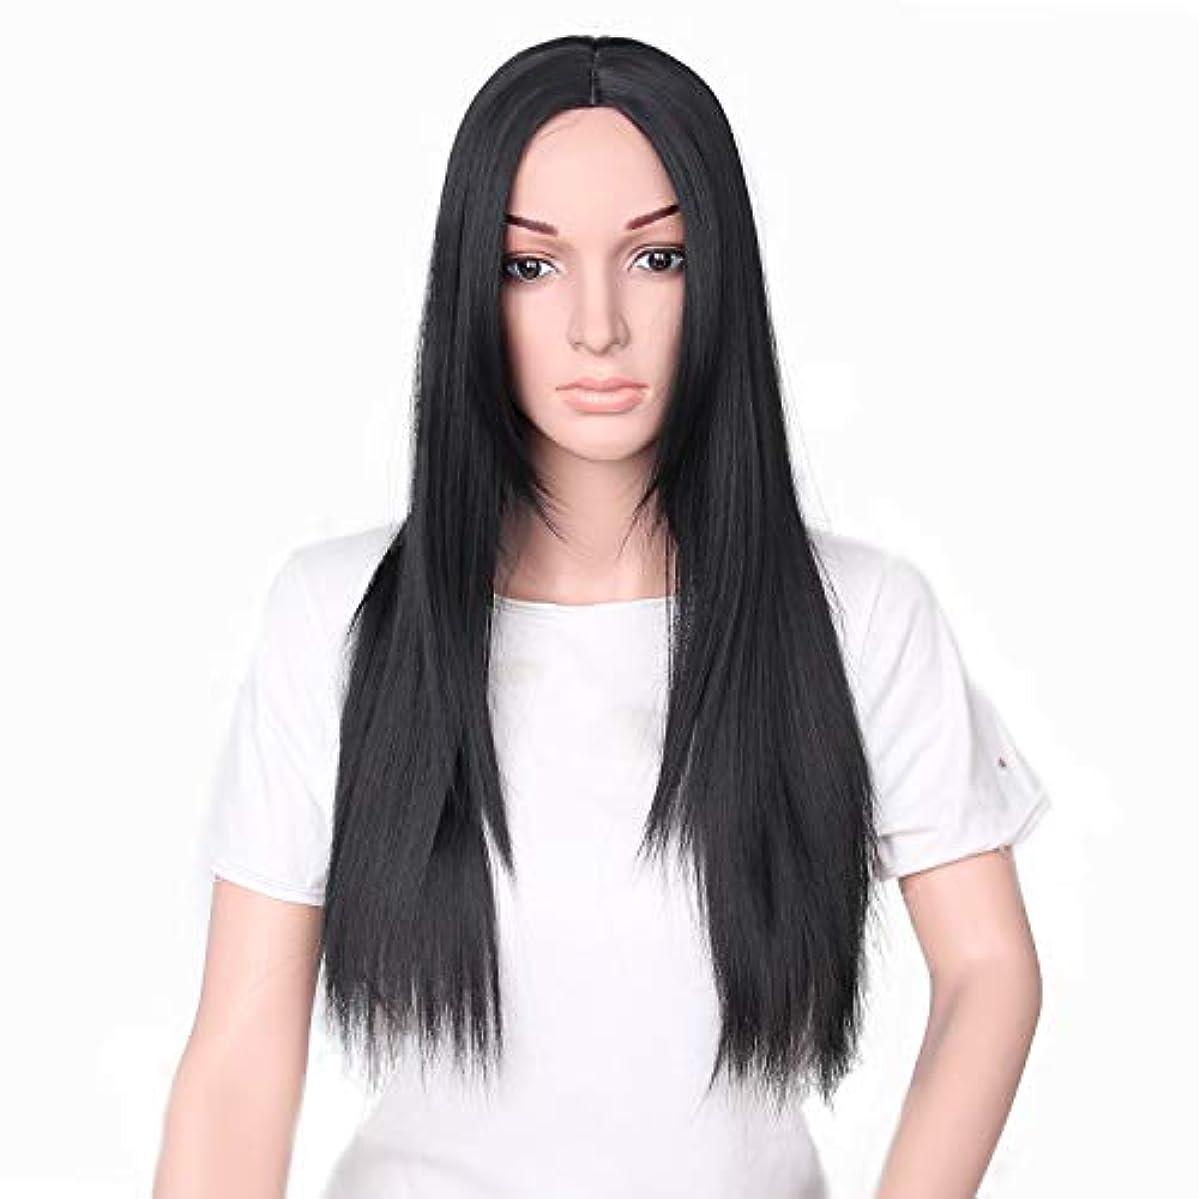 不十分市民権汚れるYZUEYT 66cm女性ナチュラルセンター分割ロングストレートブラックヘアウィッグ YZUEYT (Size : One size)